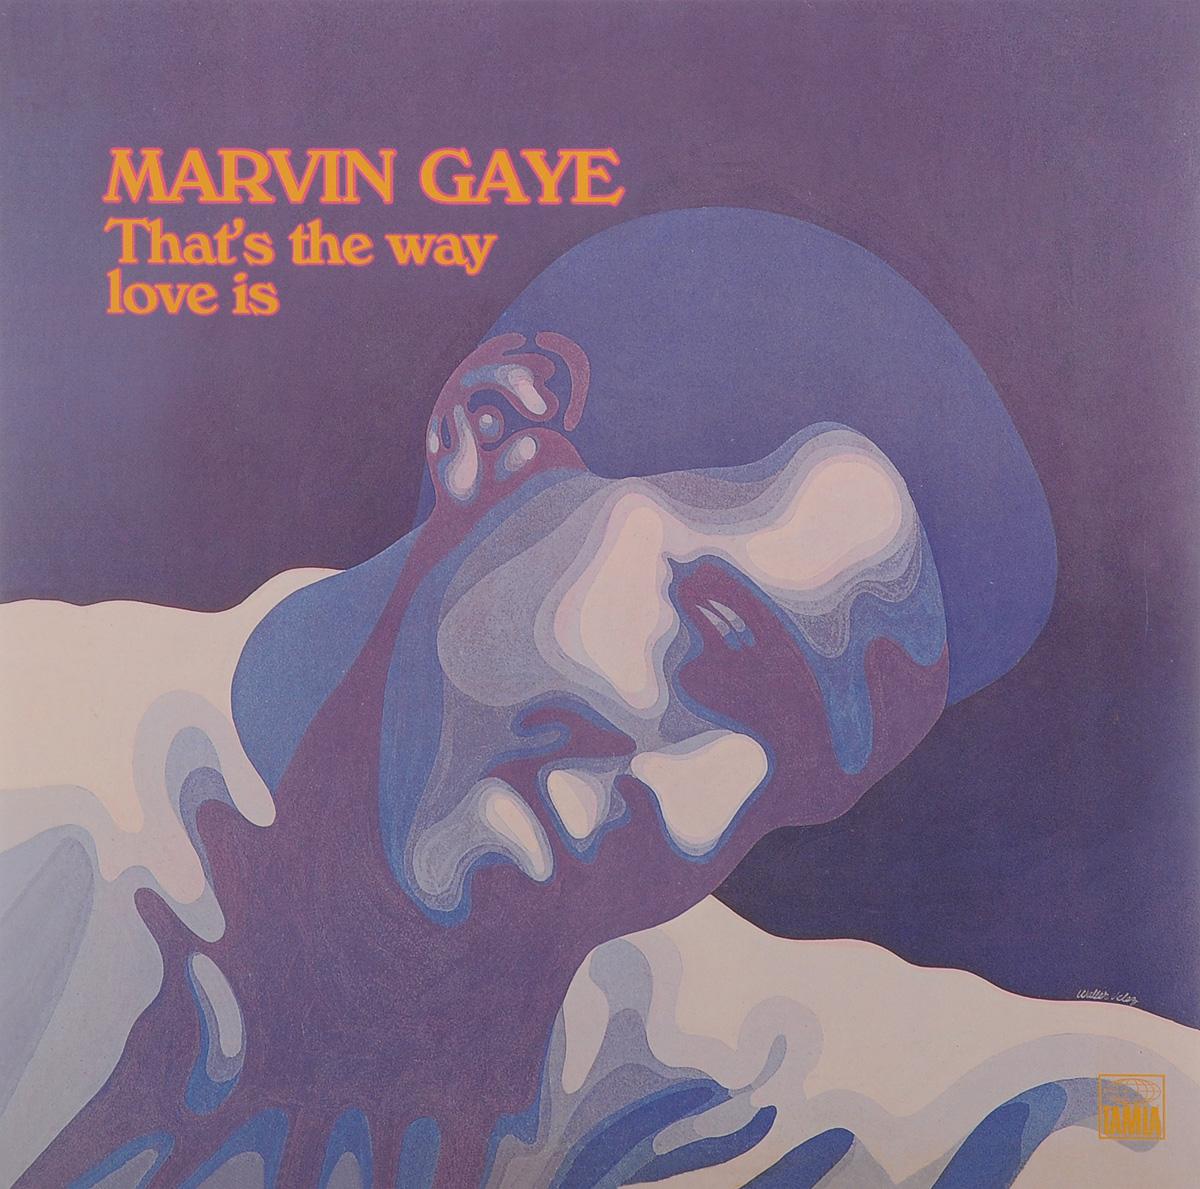 Марвин Гэй Marvin Gaye. That's The Way Love Is (LP) marvin gaye marvin gaye here my dear 2 lp